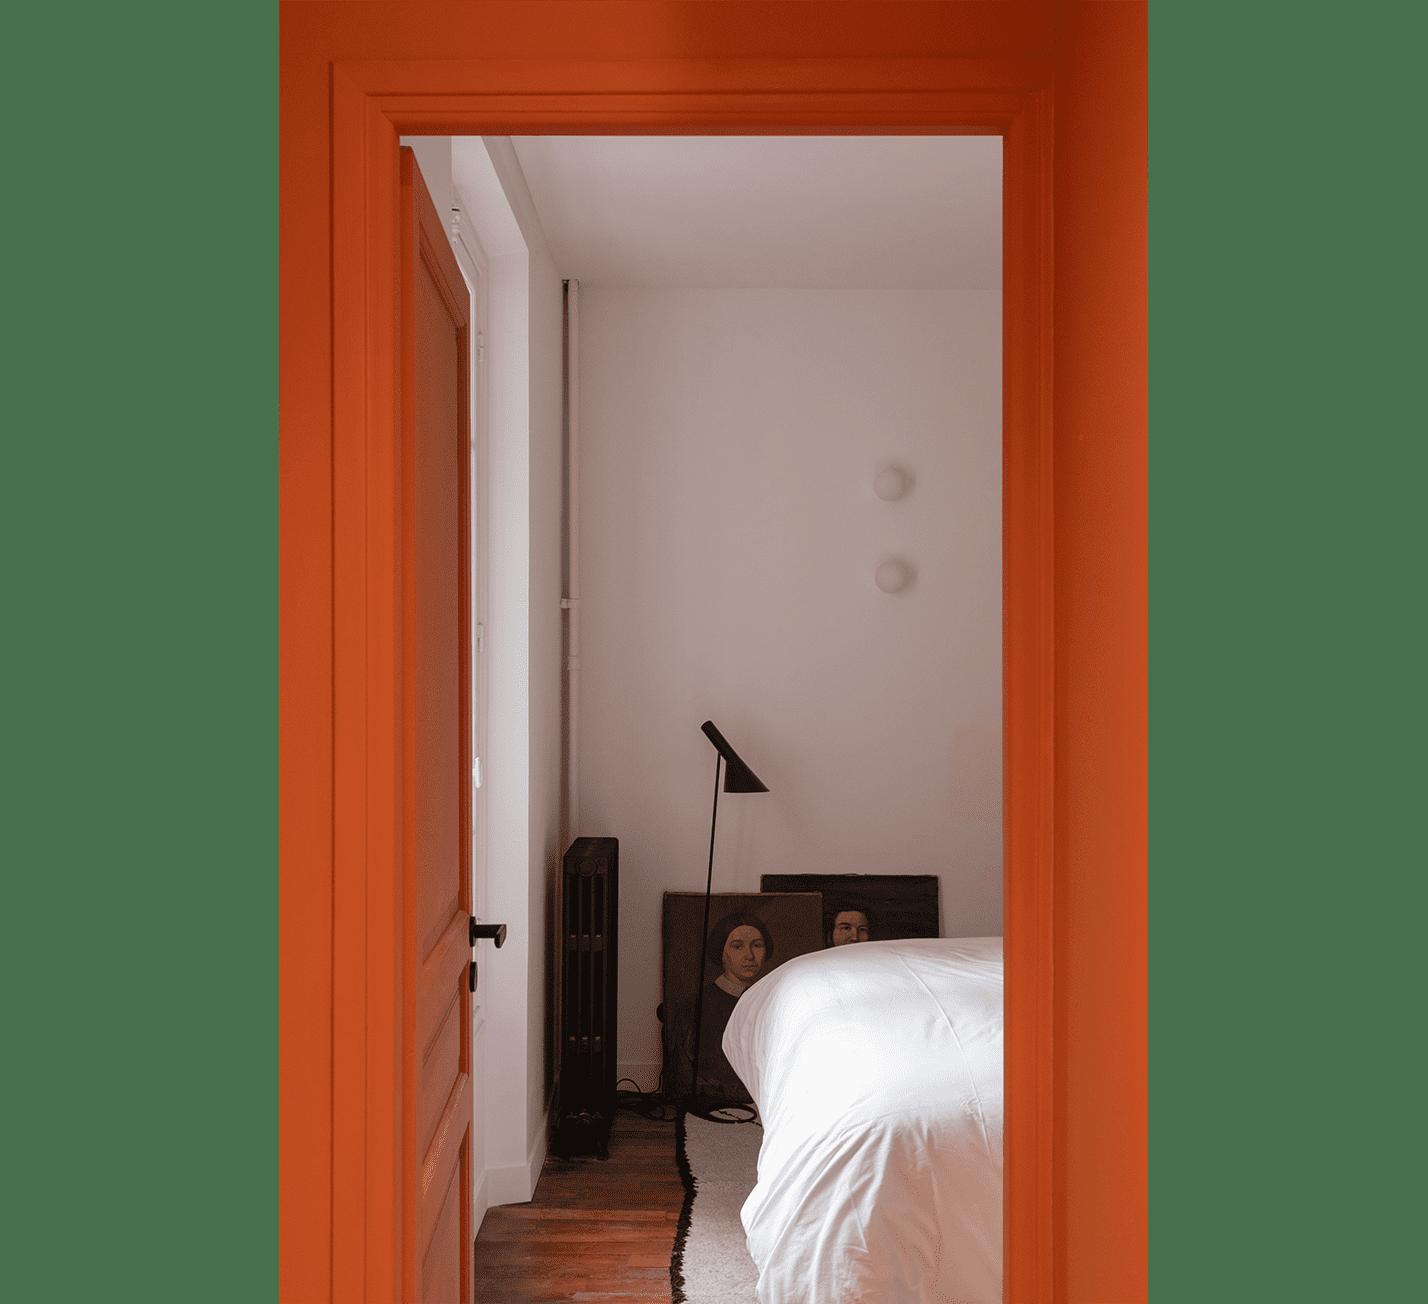 Appartement-Pantin-paris-rénovation-architecture-paris-construction-atelier-steve-pauline-borgia-4